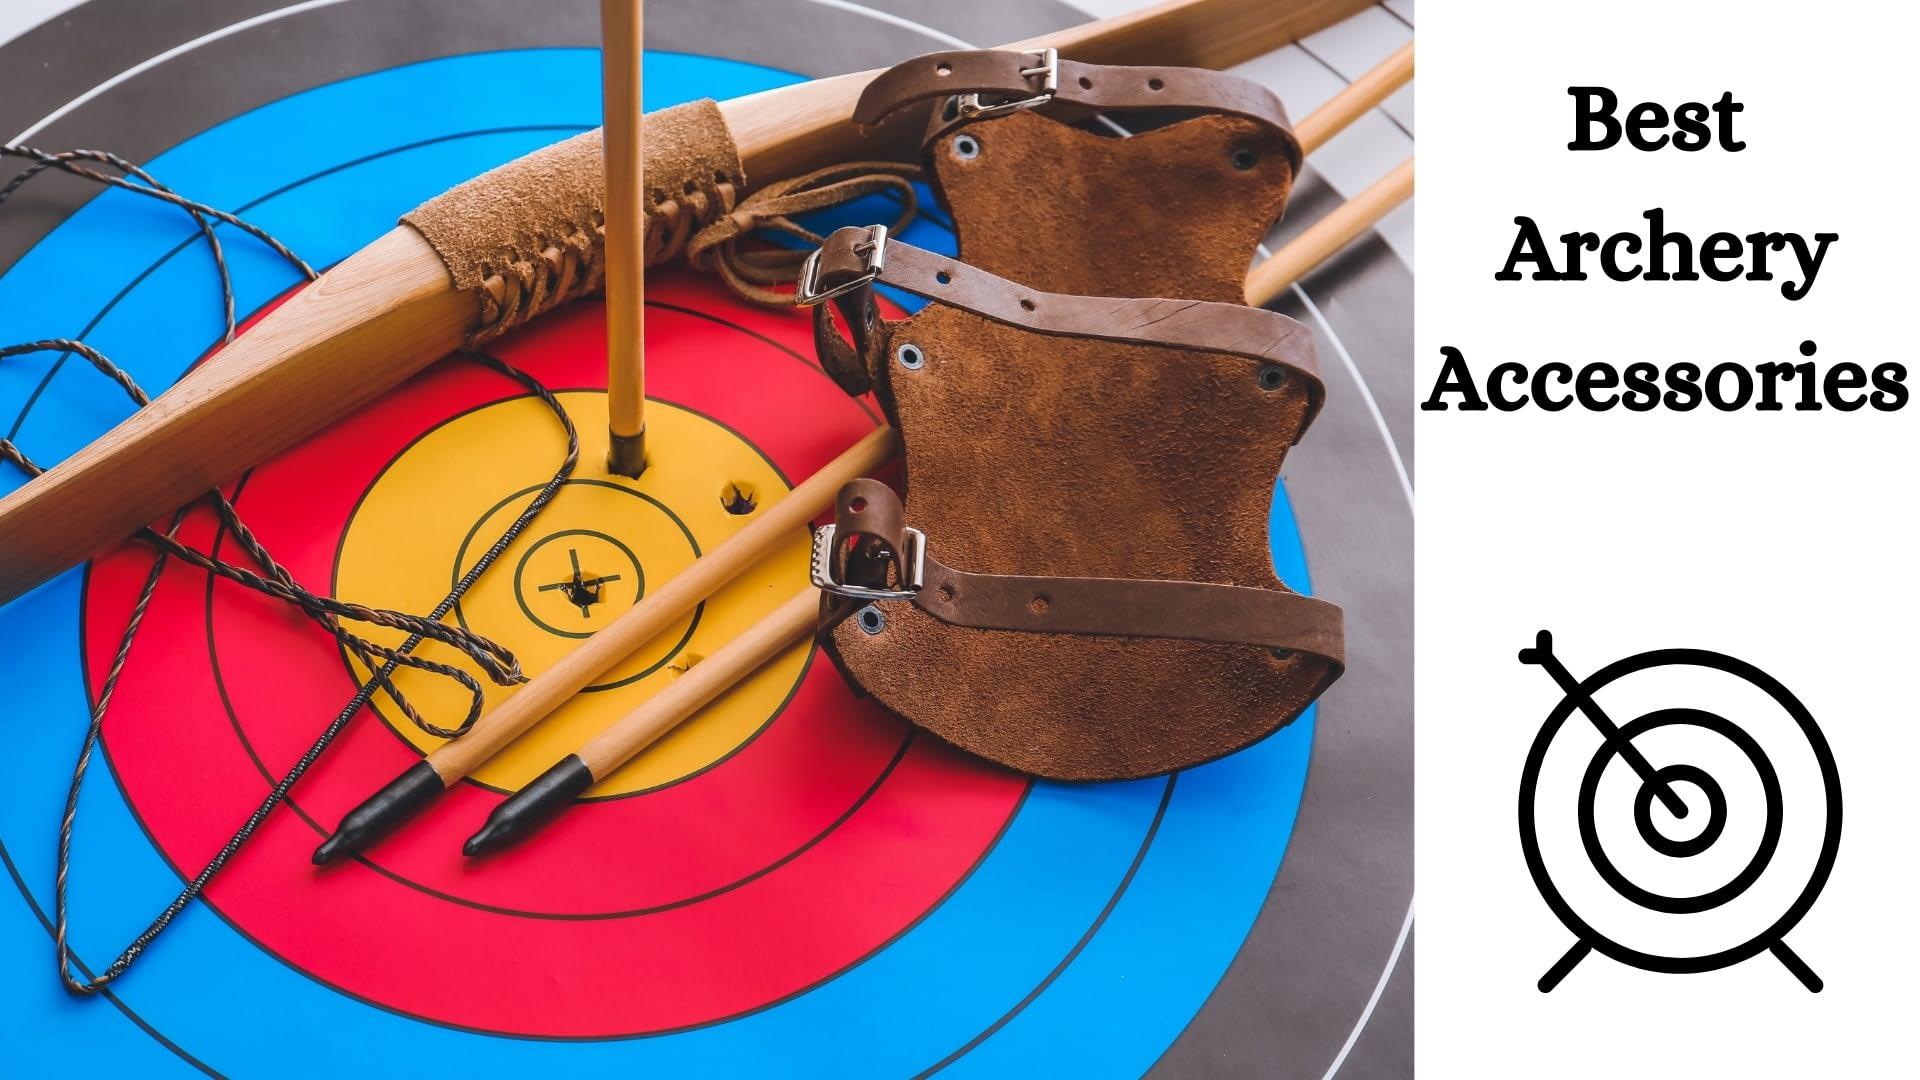 Best Archery Accessories